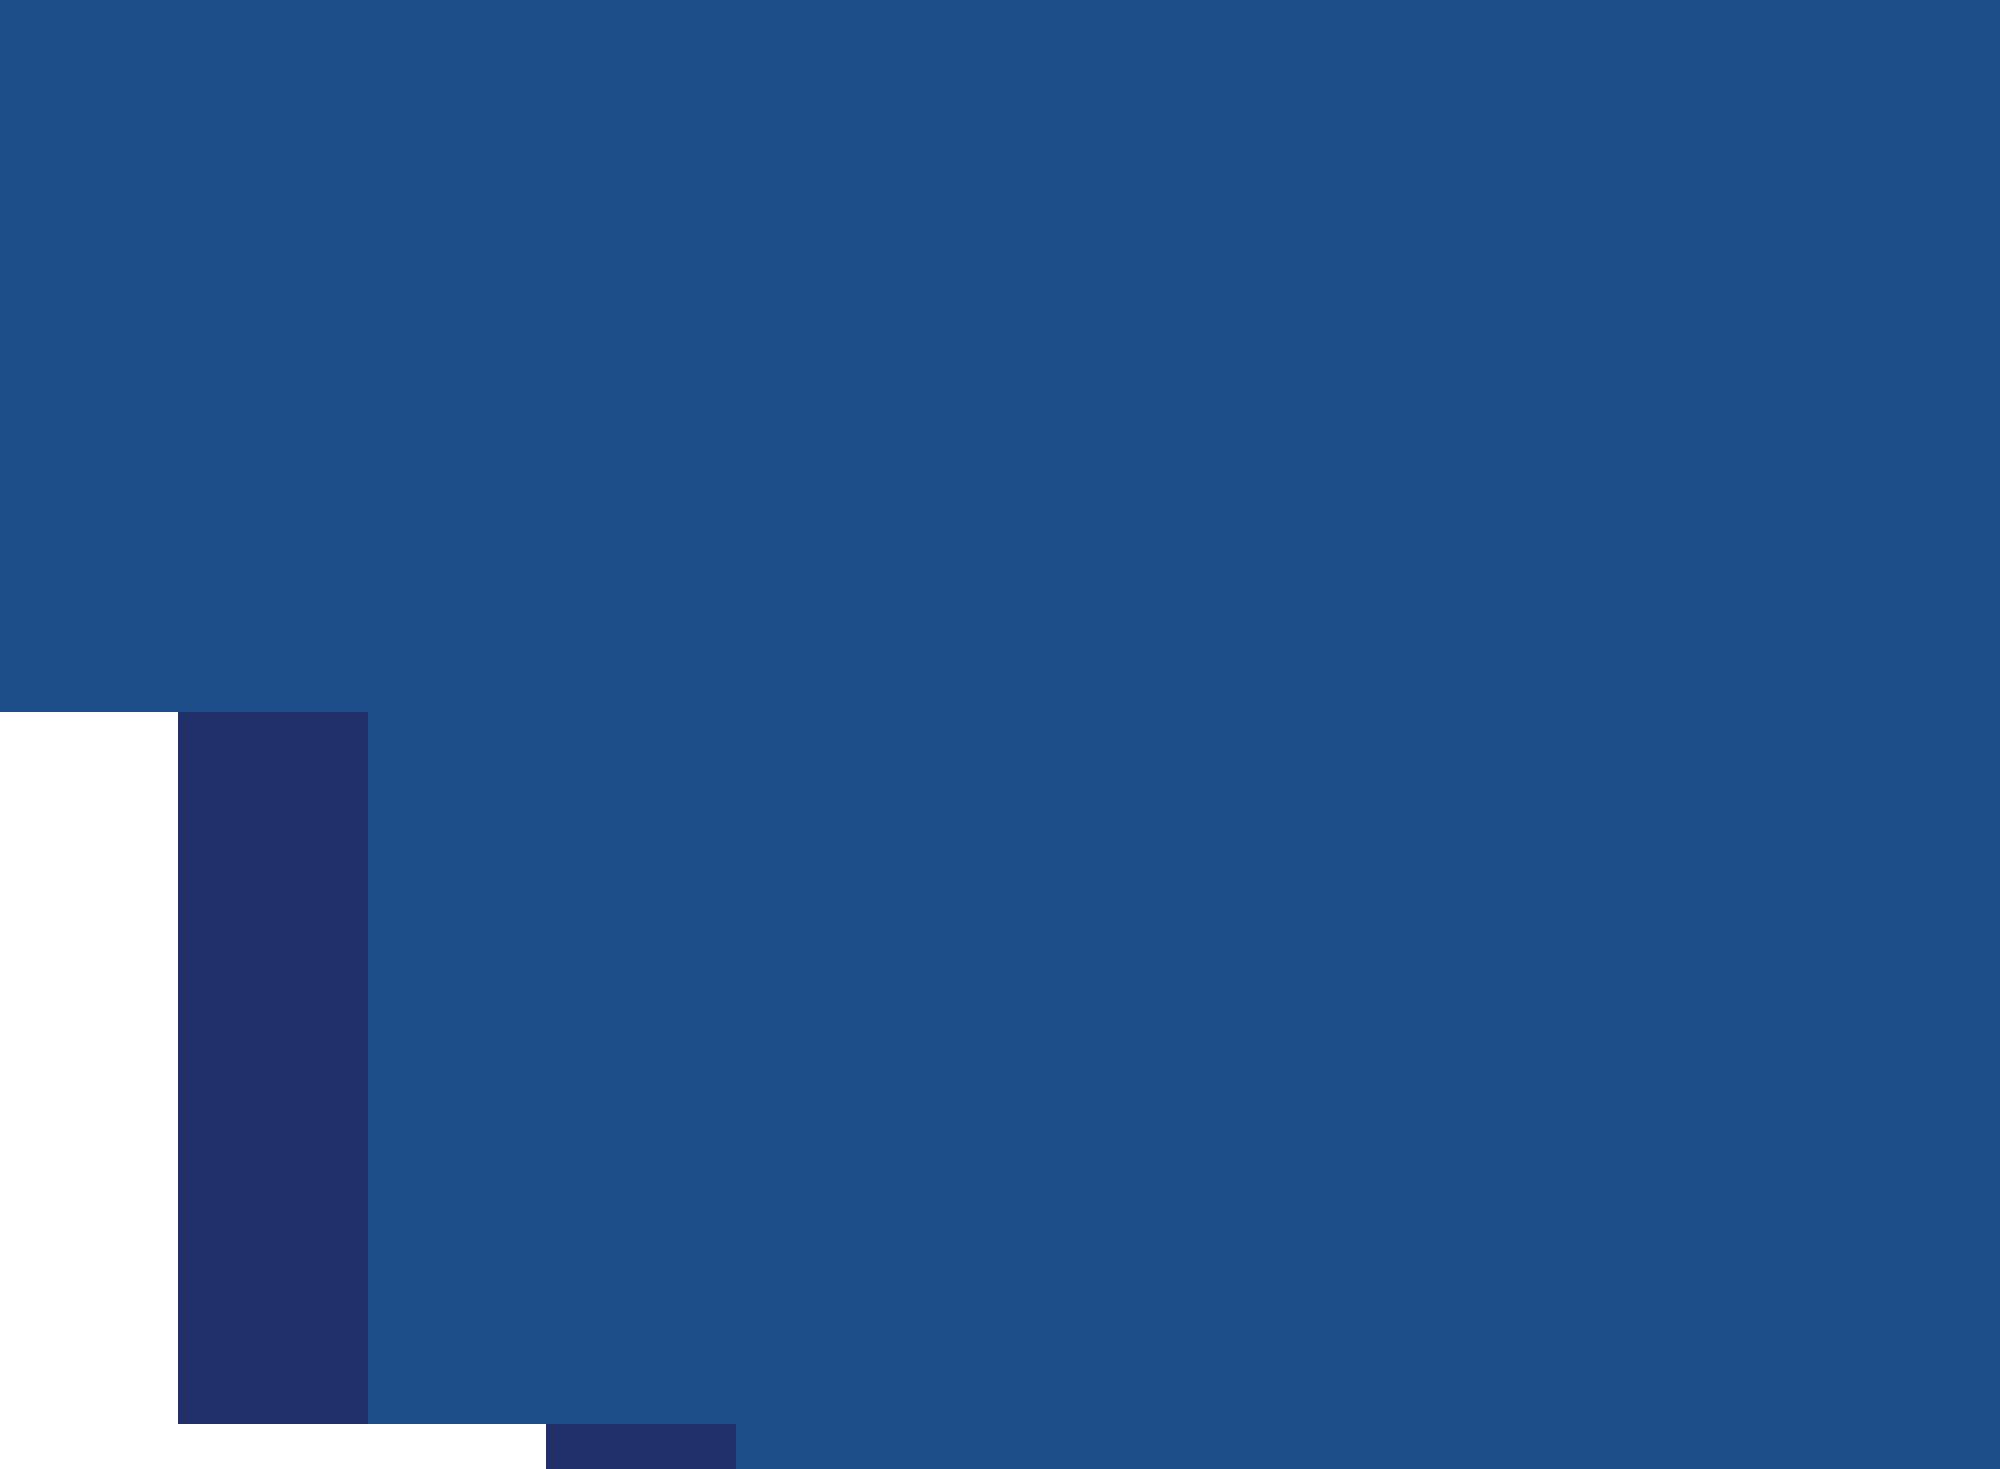 A blue background shape